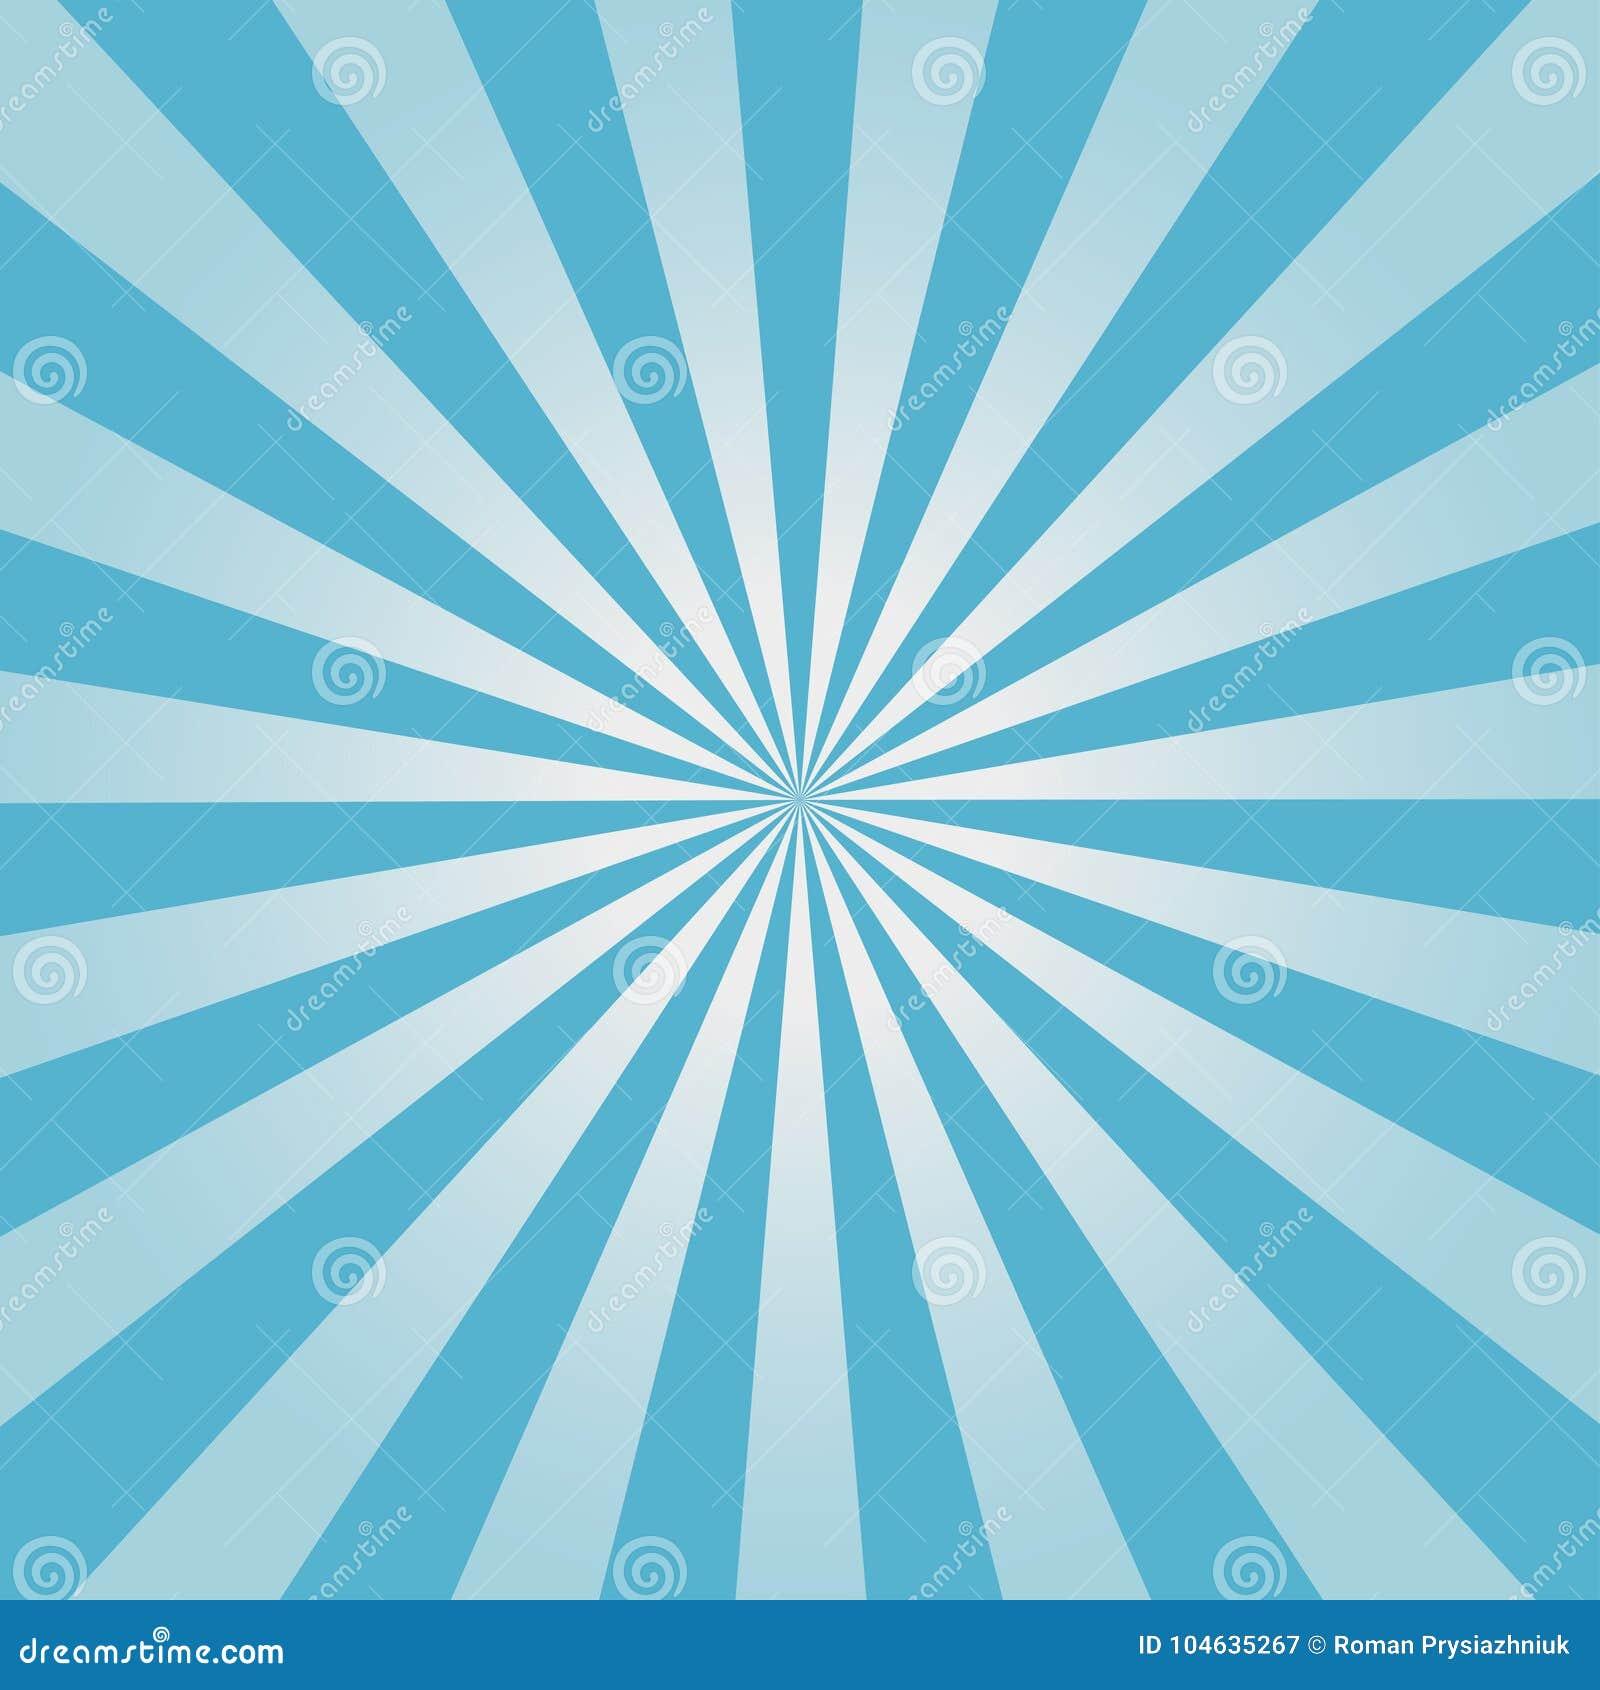 Komisk bakgrund Blå Sunburstmodell Abstrakt bakgrund för solstrålar vektor